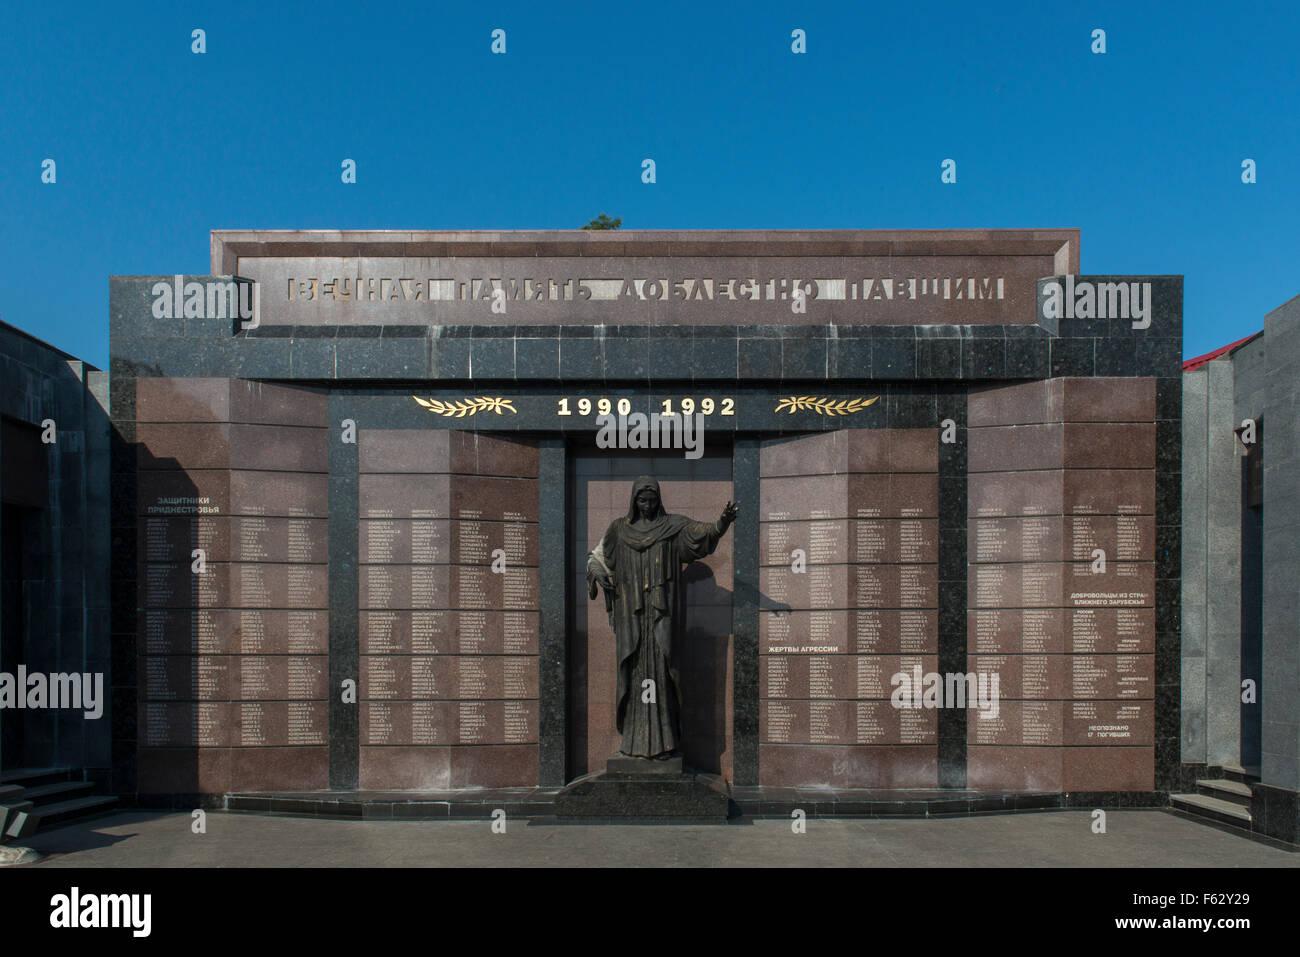 Memorial Of 1990-1992 Independence War With Moldova, Tiraspol - Stock Image